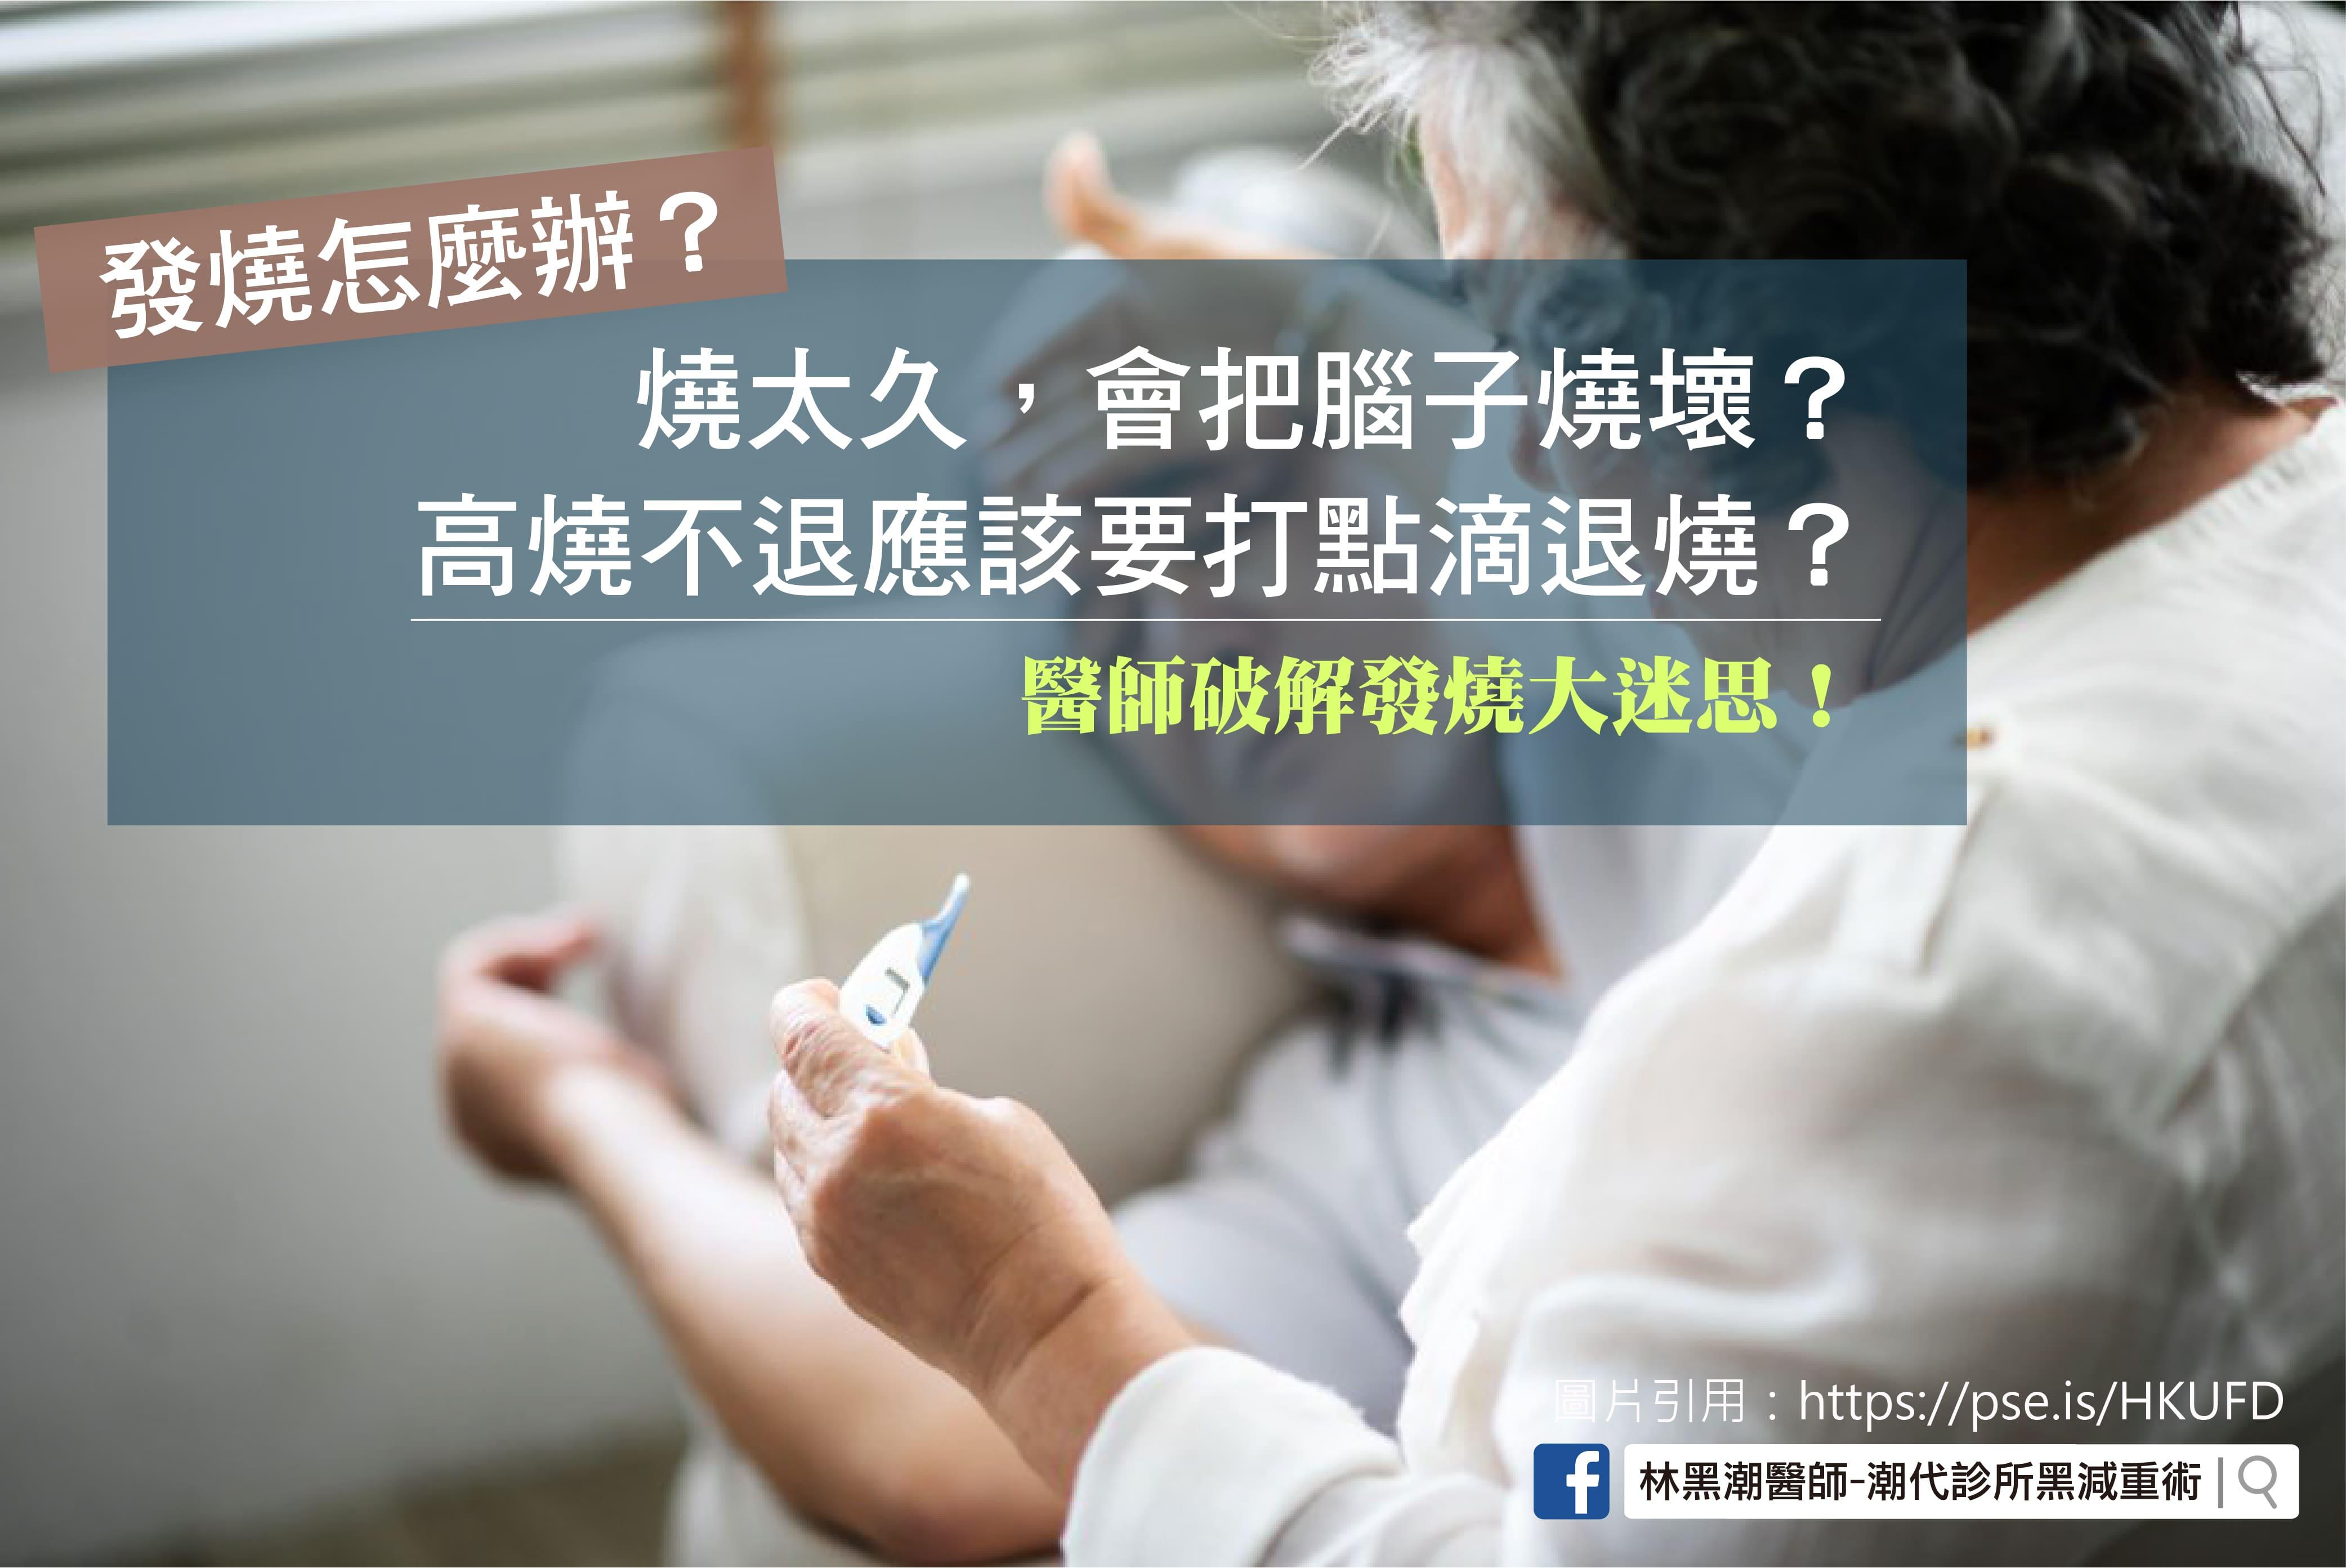 發燒該怎麼辦?/文:沈孟娟醫師